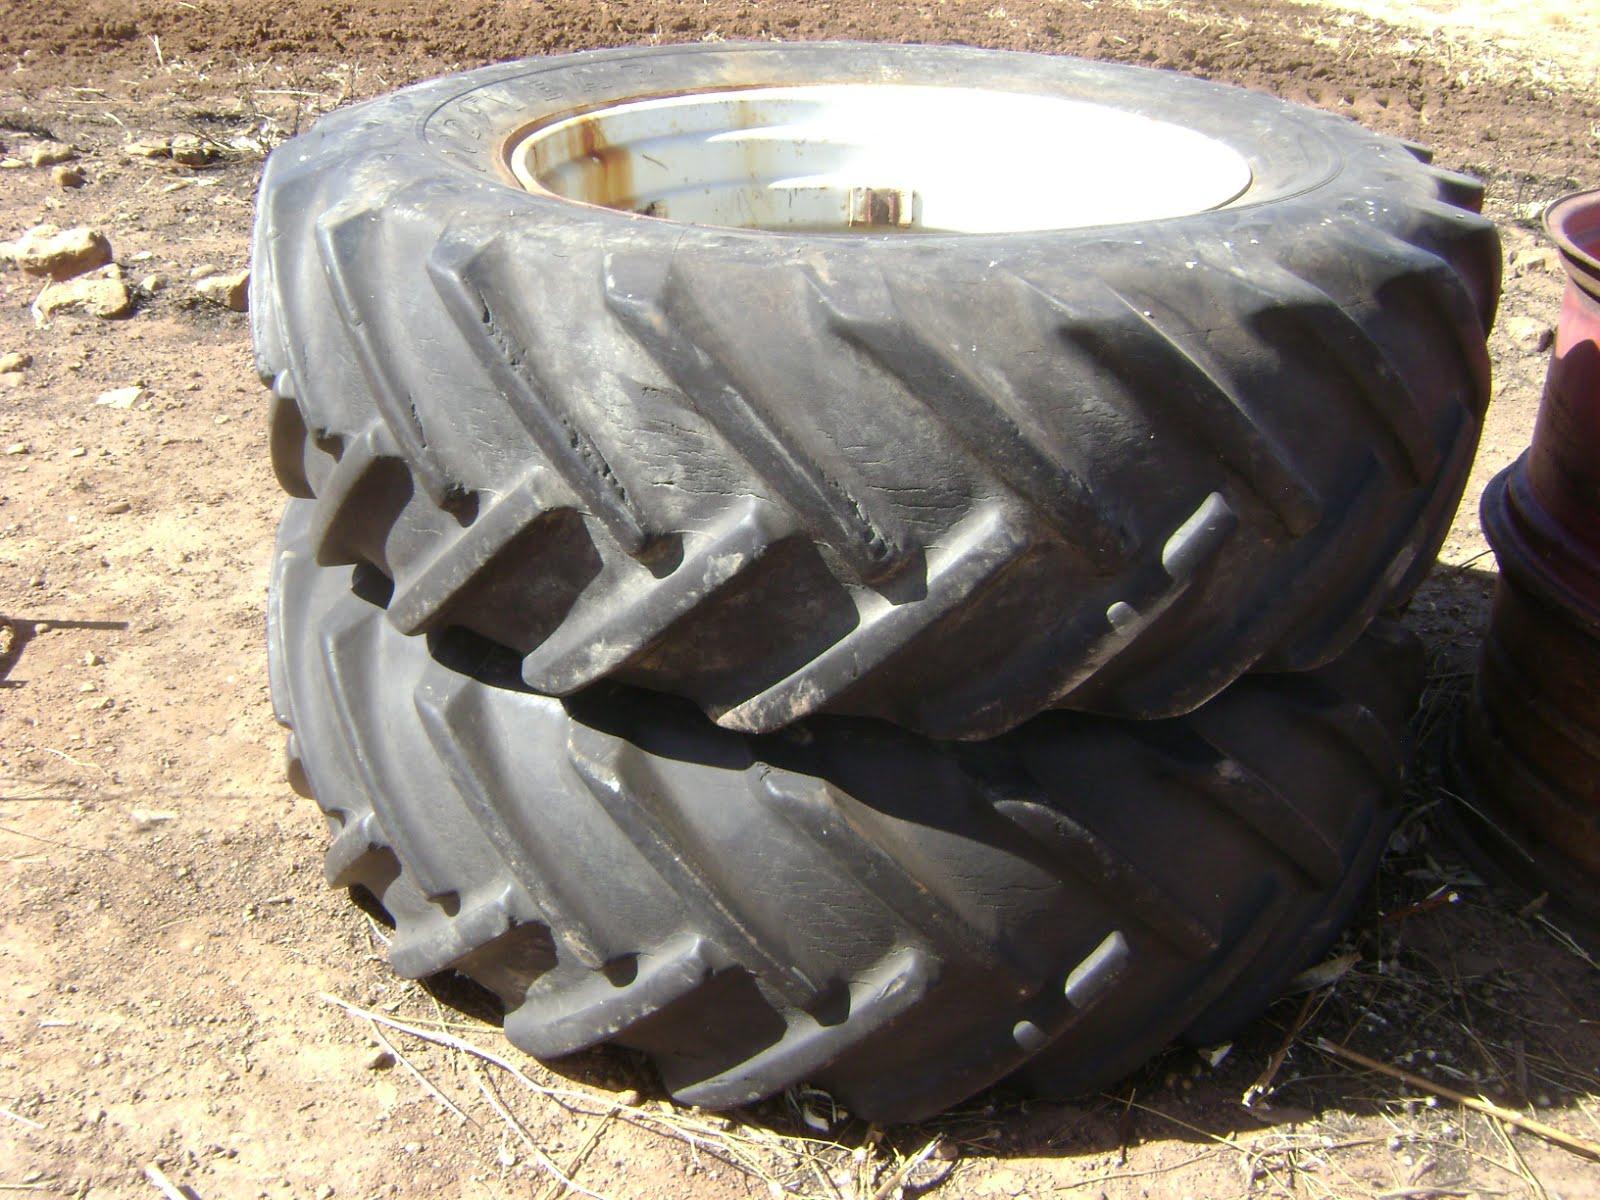 llantas para tractor agricola: